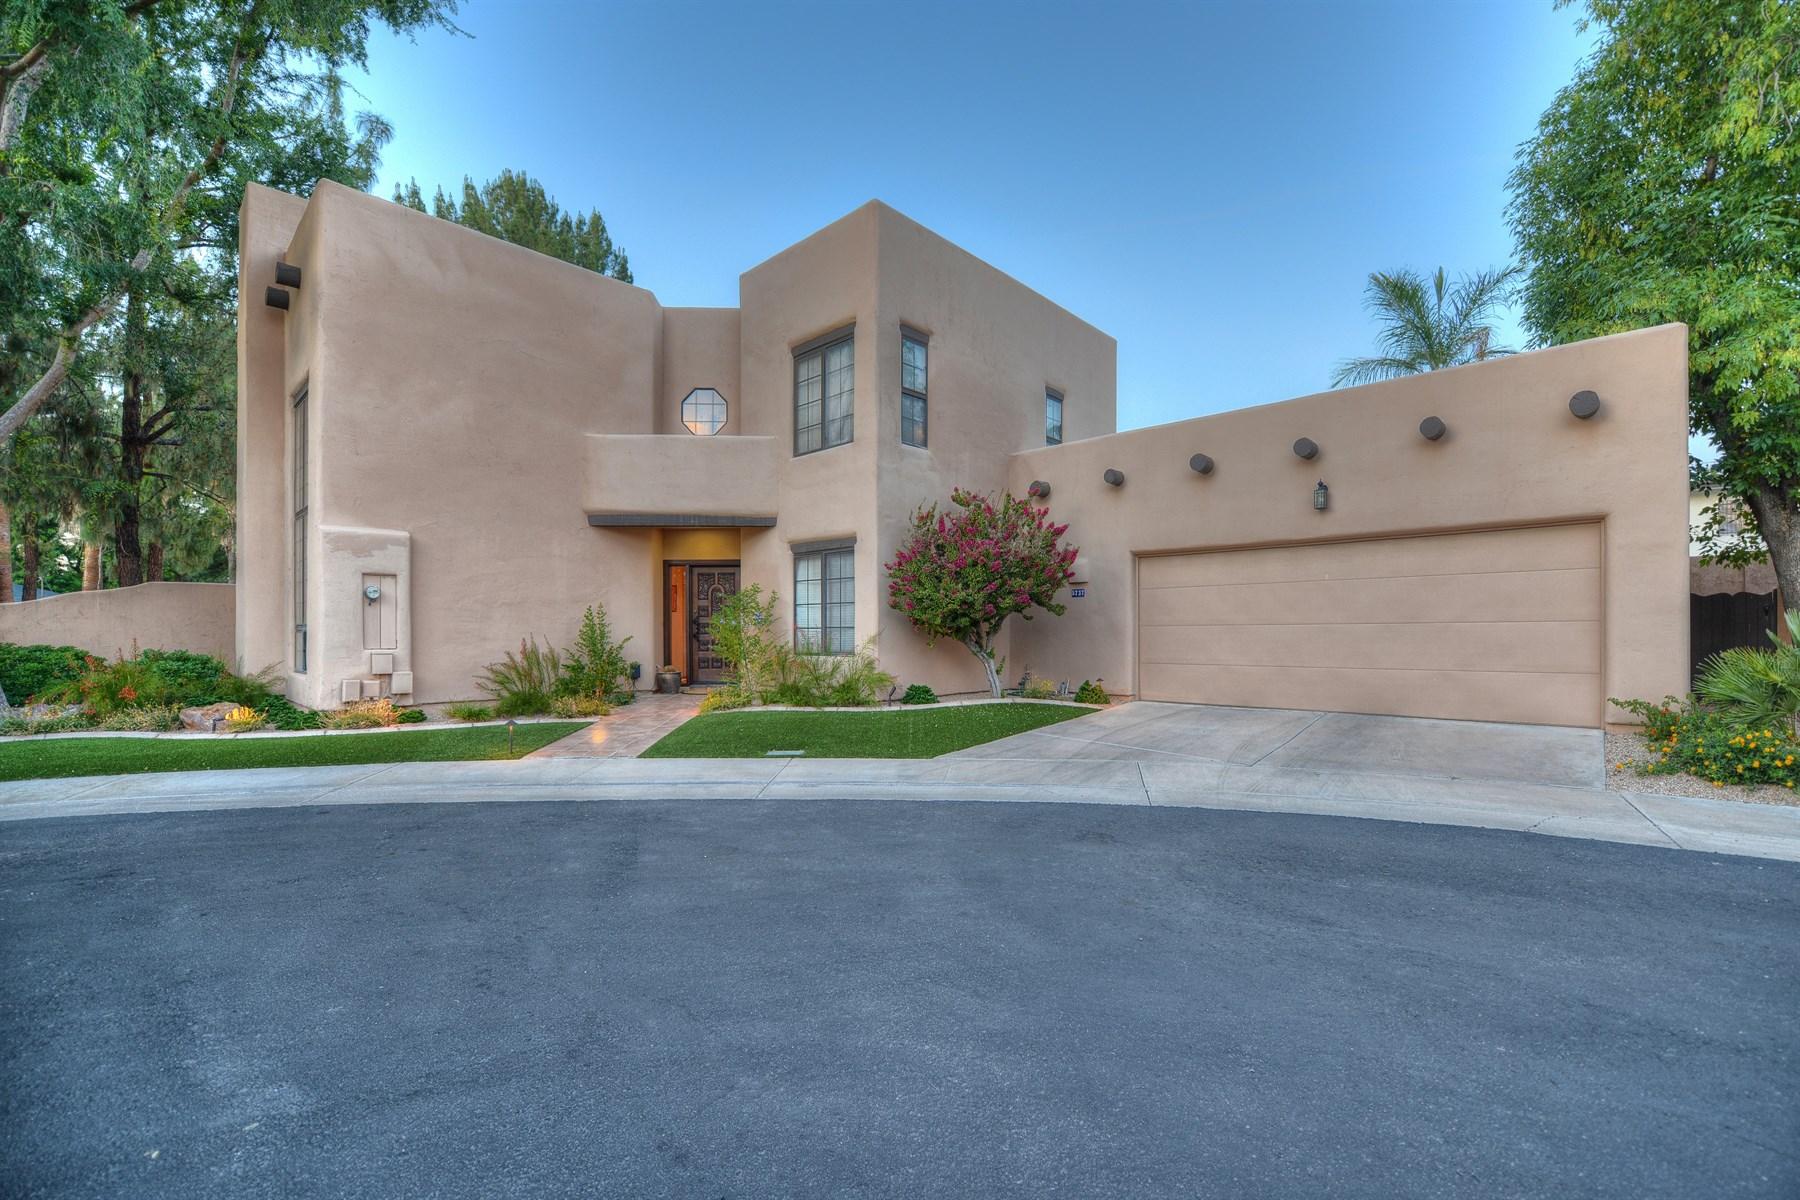 Частный односемейный дом для того Продажа на Elegance meets tranquility in the Heart of North Central Phoenix 5737 N 4TH PL Phoenix, Аризона 85012 Соединенные Штаты